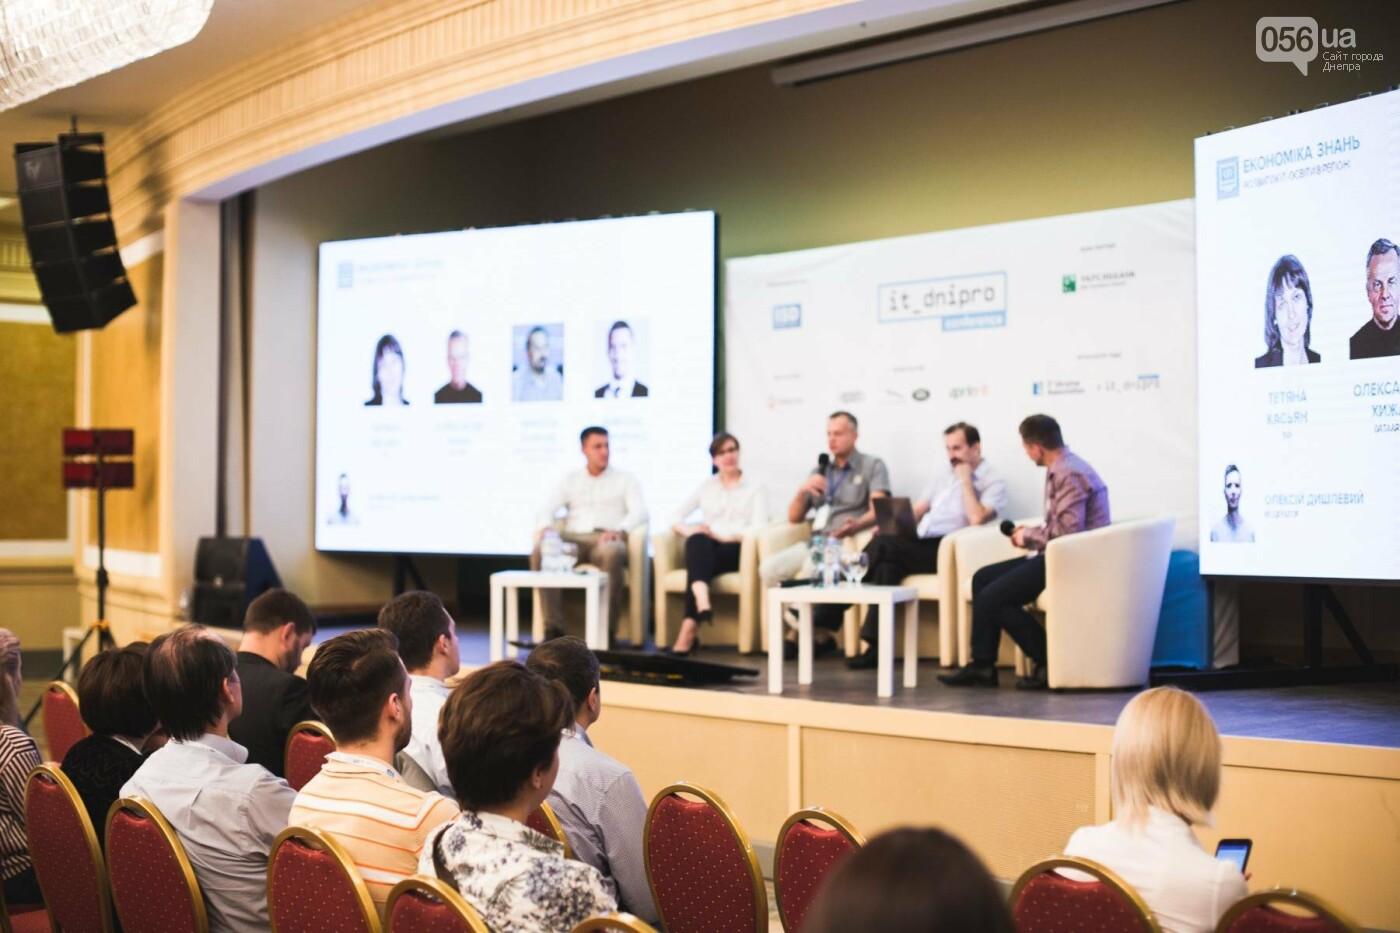 В Днепре прошла бизнес-конференция IT Dnipro Conference: подробности, - ФОТО, фото-14